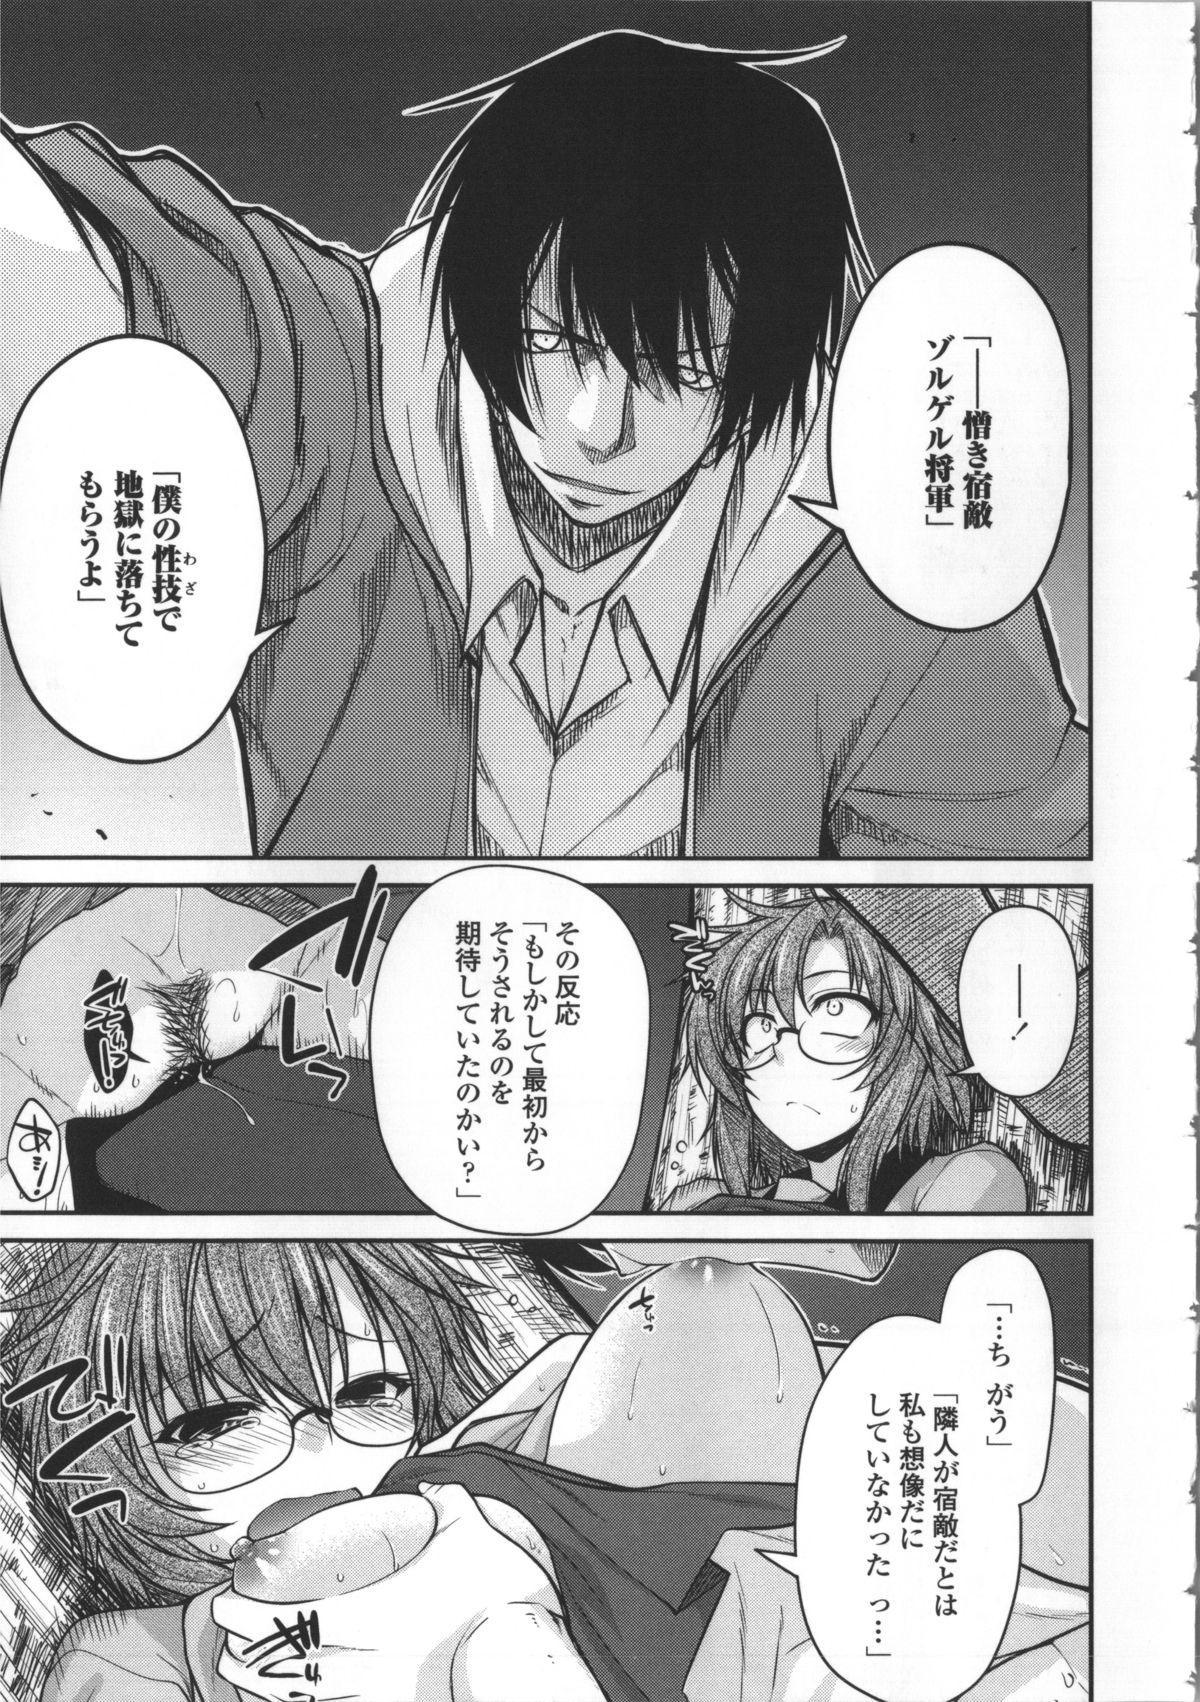 Yamato Nadeshiko Breast Changes 98